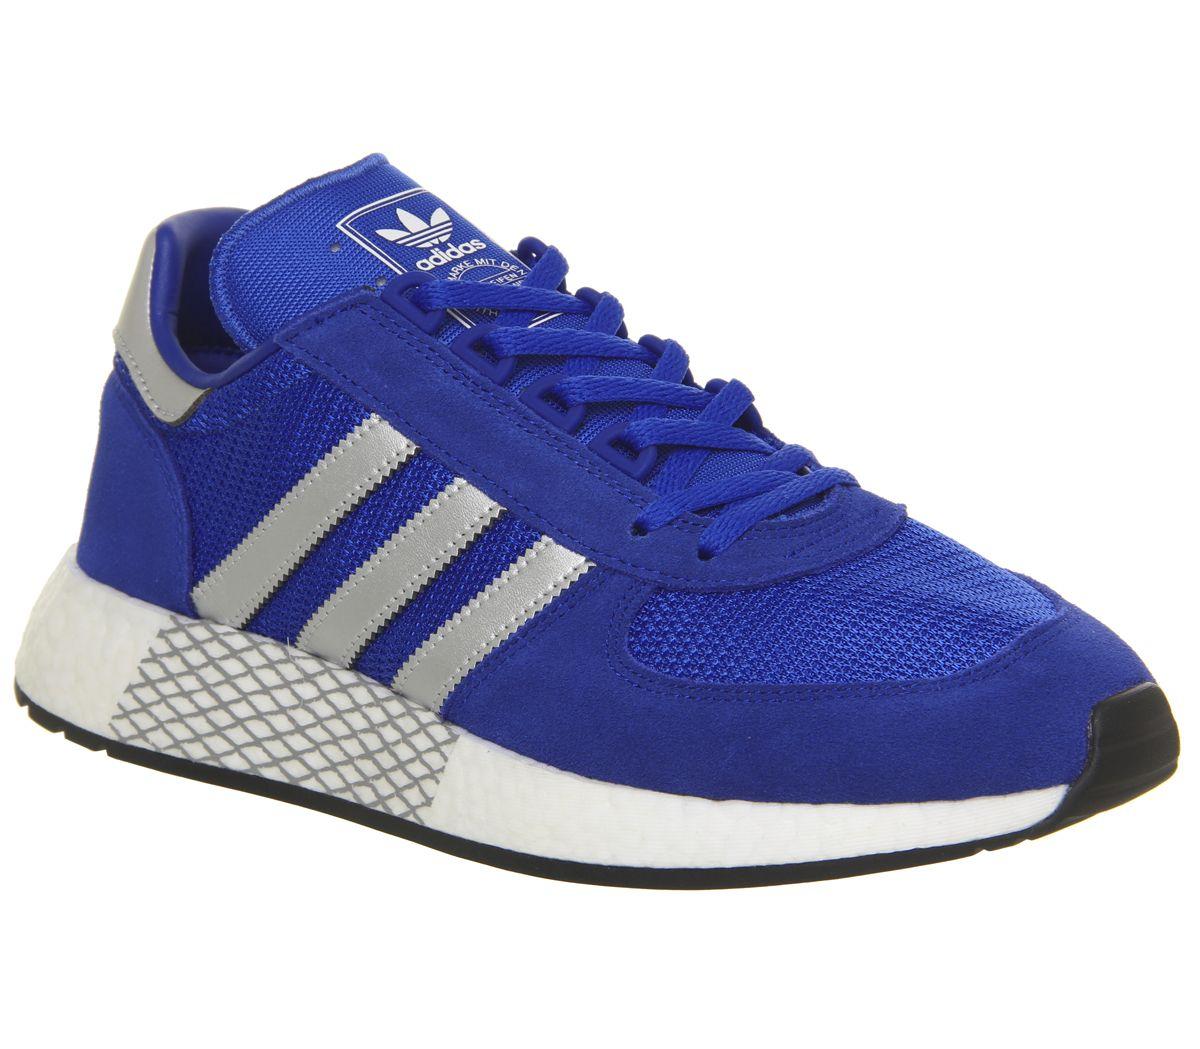 Adidas Marathon X Boost Trainer - Was £110 / Now £40 @ Offspring (Free C&C)